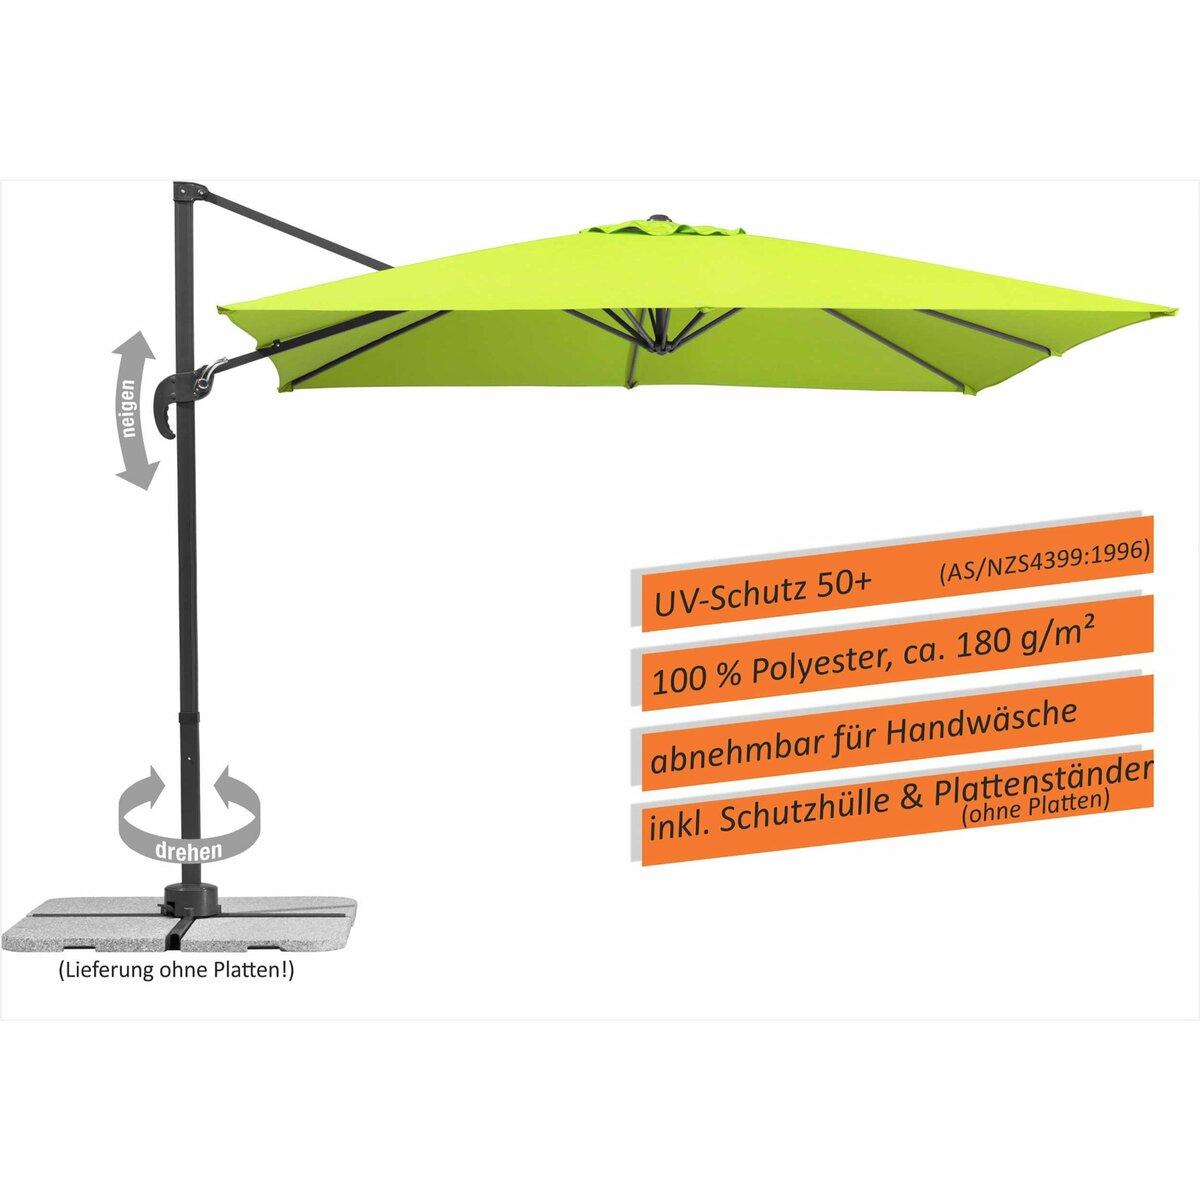 Bild 5 von Schneider Schirme Ampelschirm   Rhodos Junior, apfelgrün